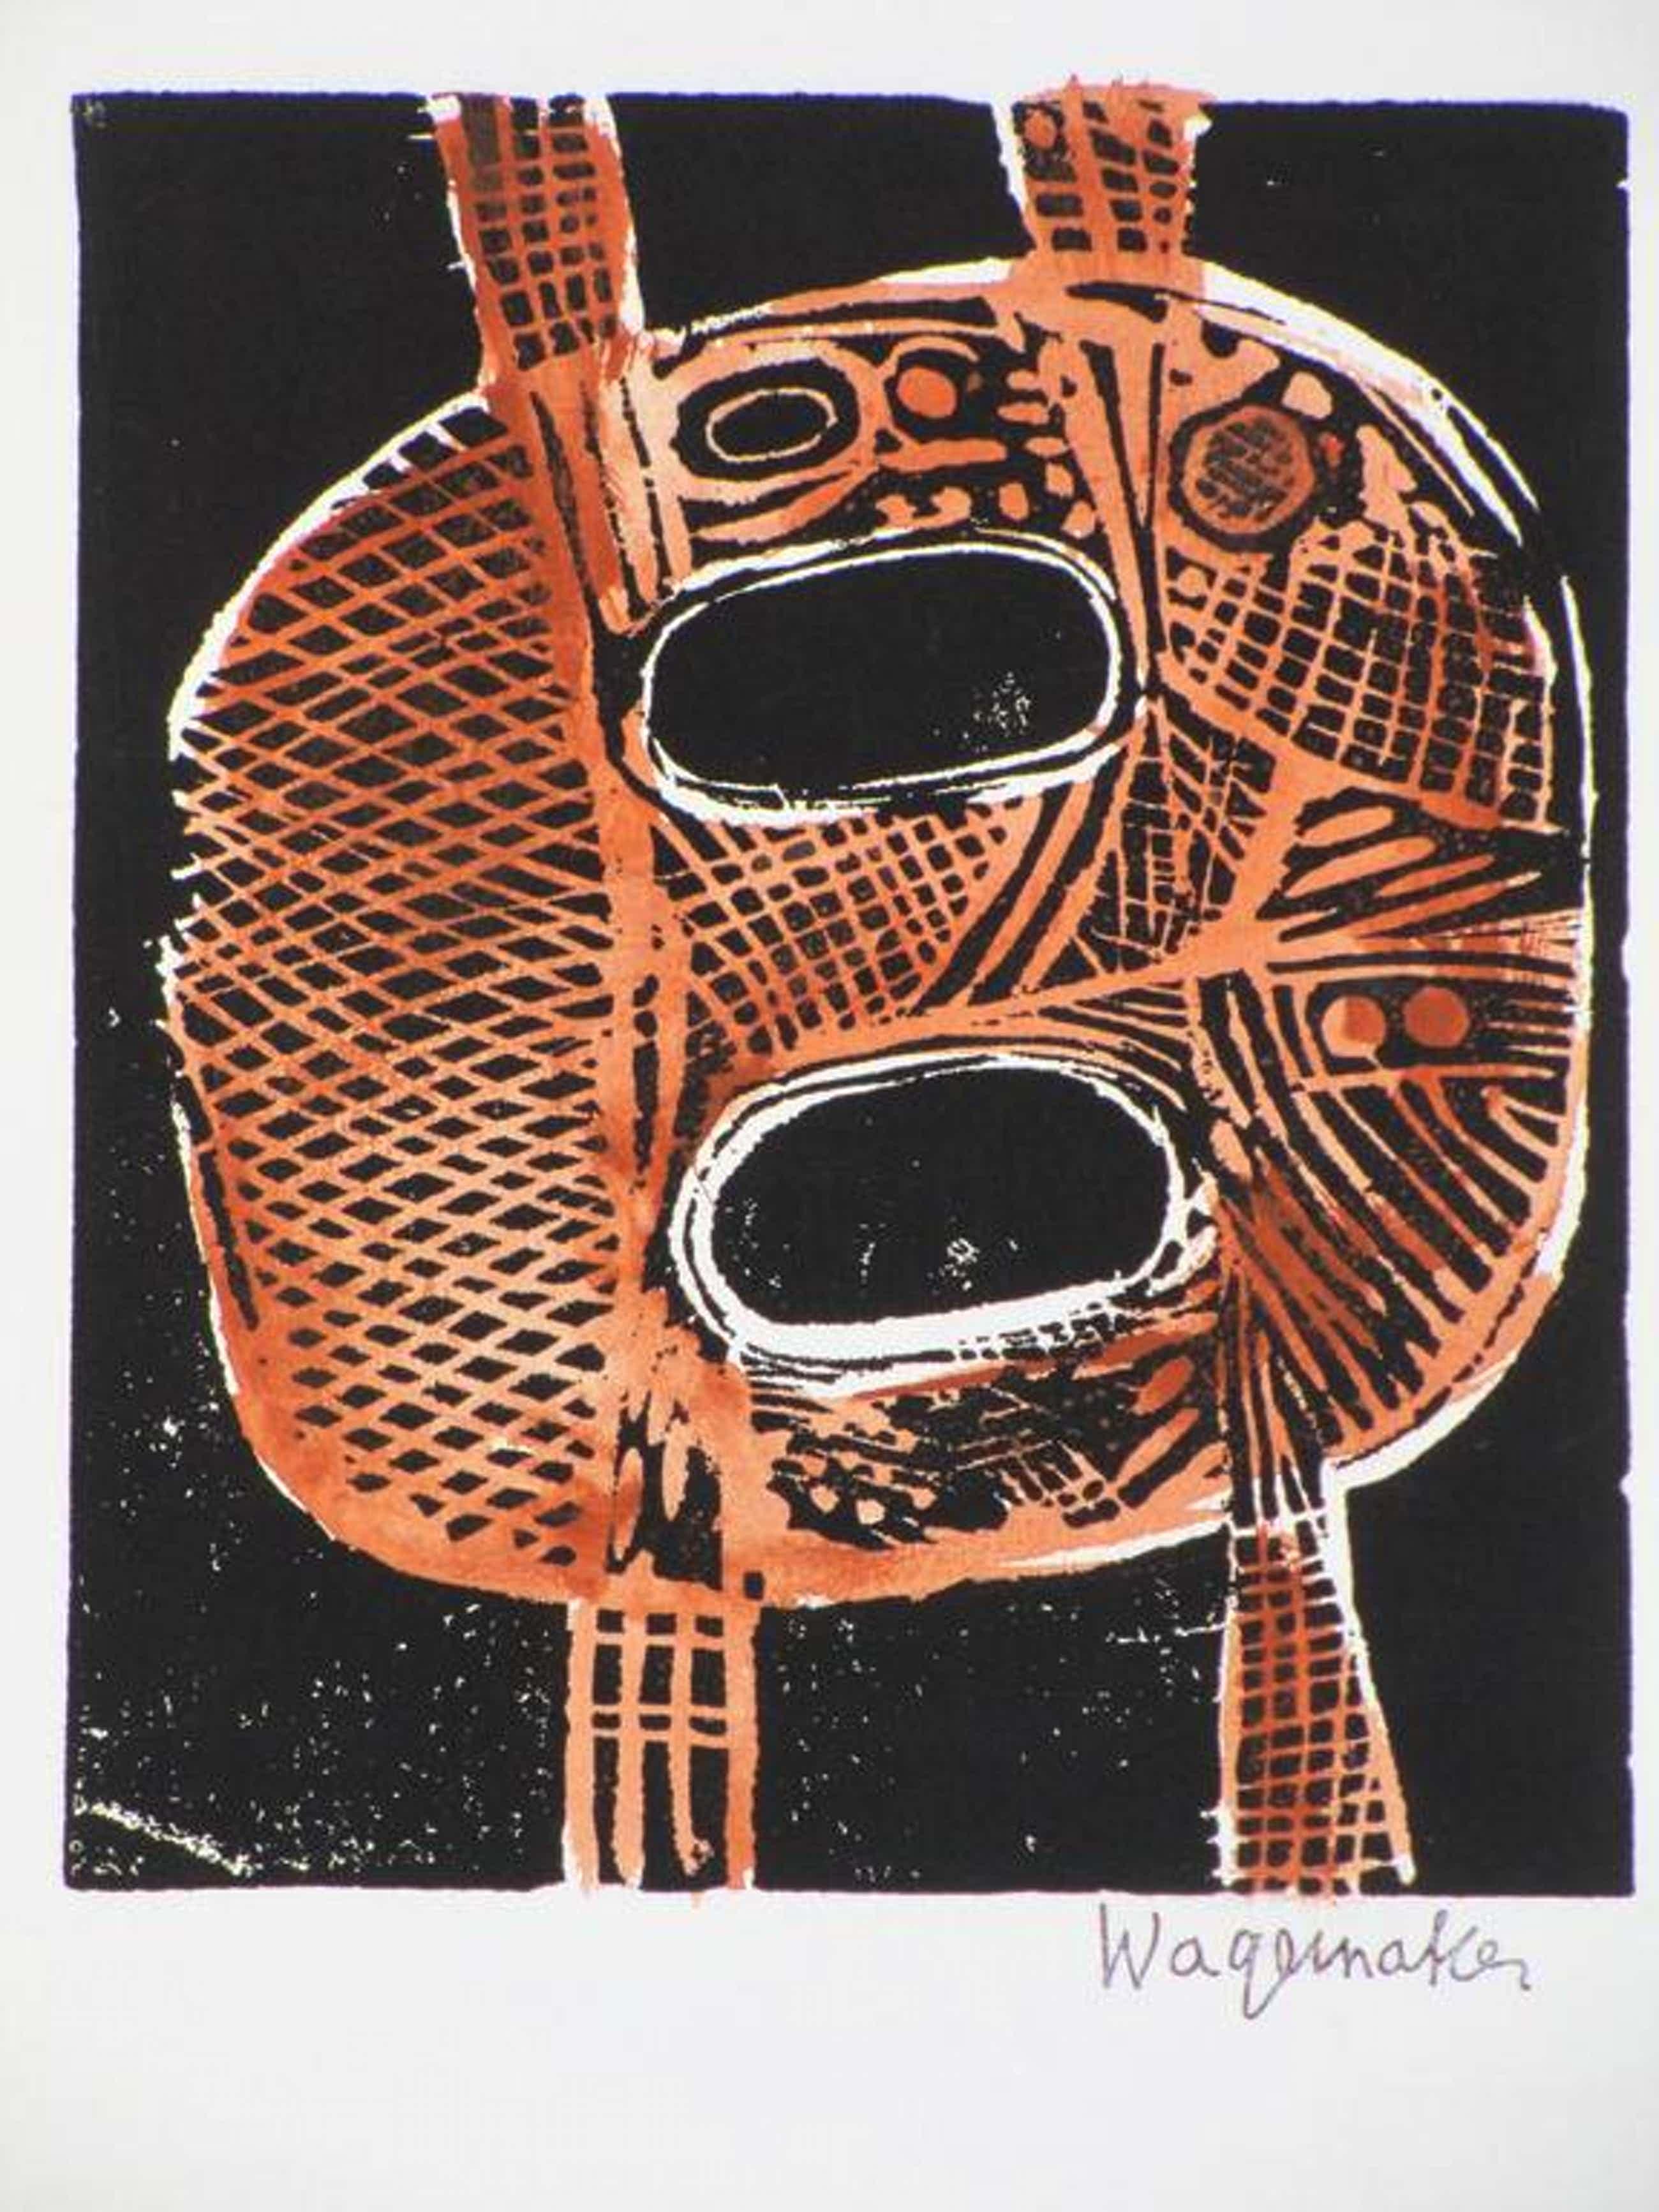 Jaap Wagemaker, Abstracte vorm, Linosnede kopen? Bied vanaf 60!